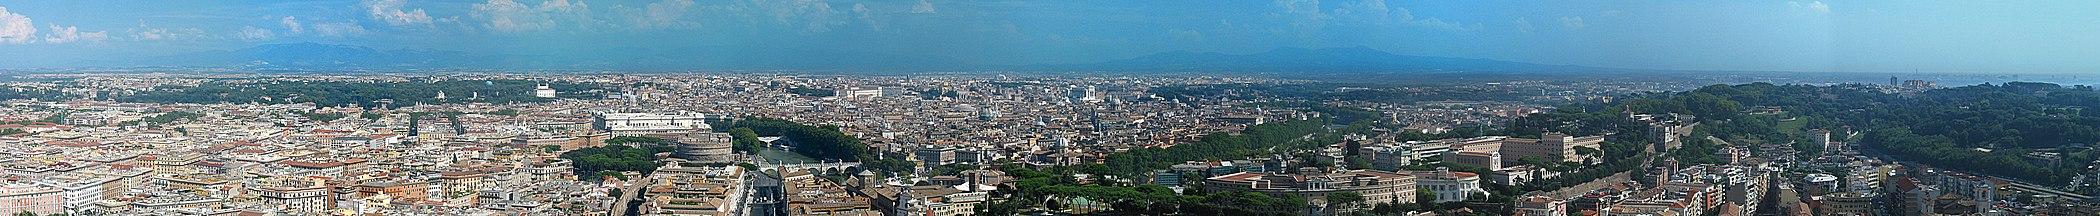 Panoramica di Roma dalla Cupola di San Pietro